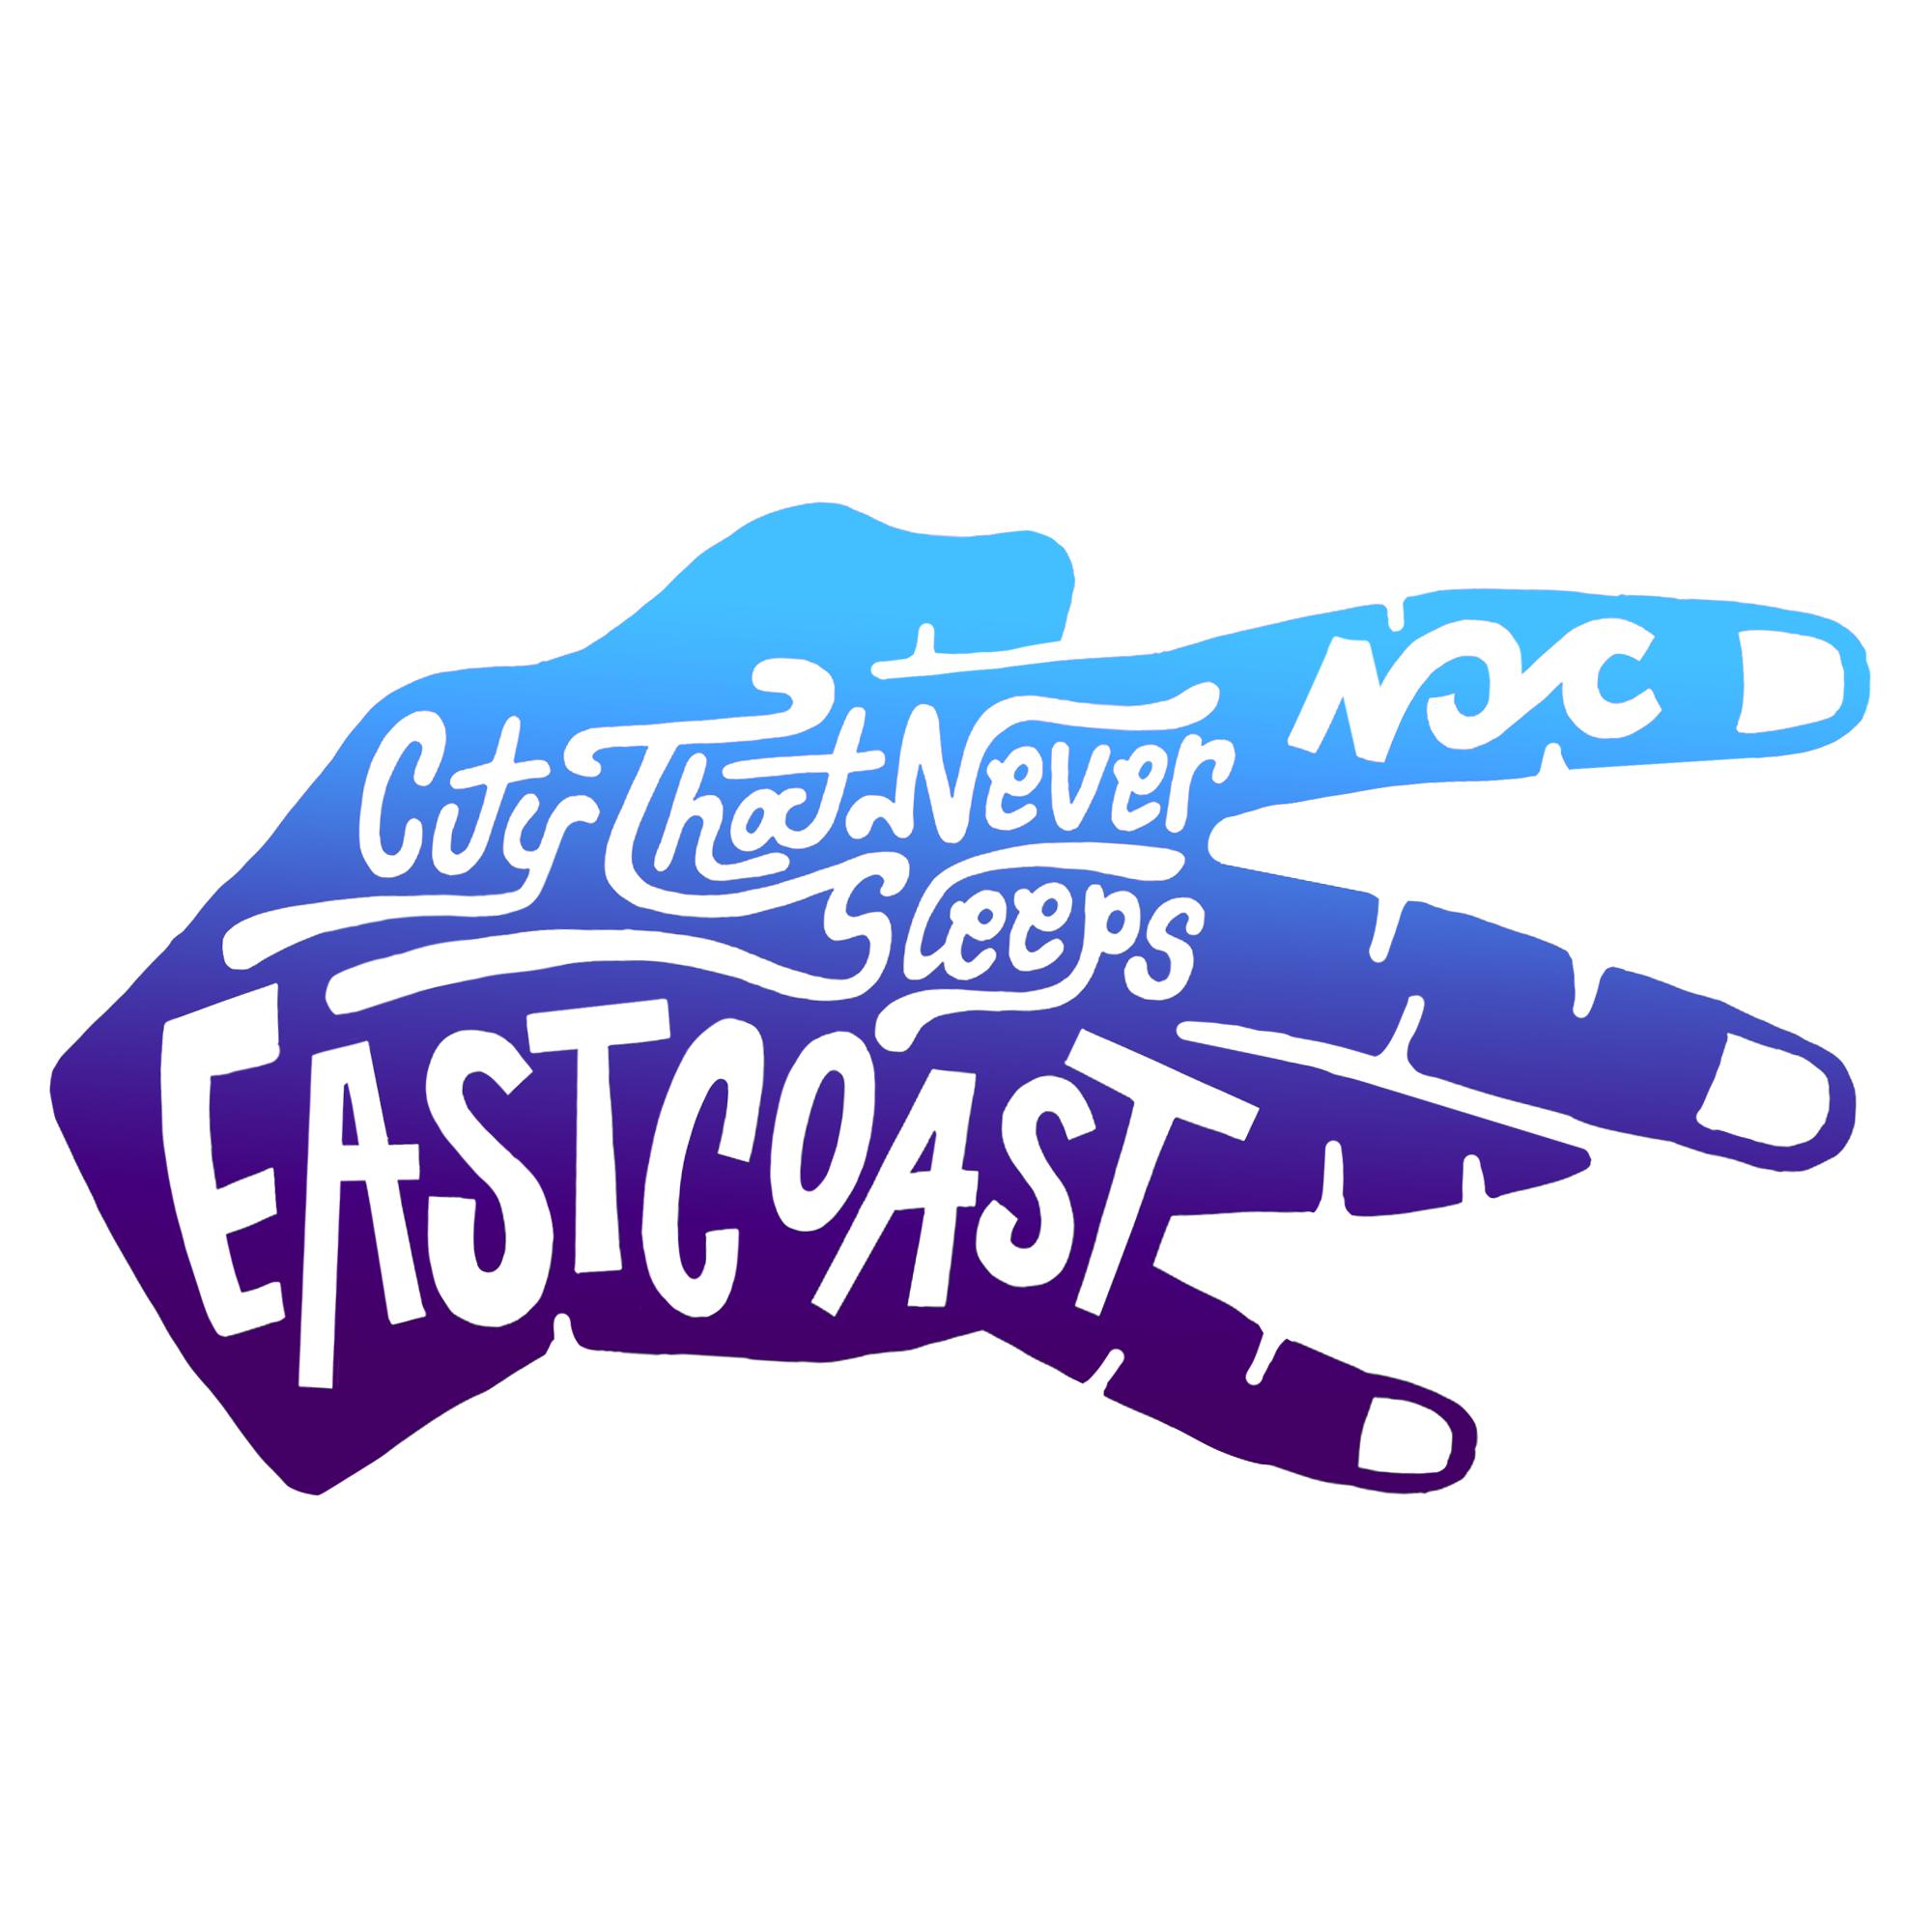 East+Coast.jpg